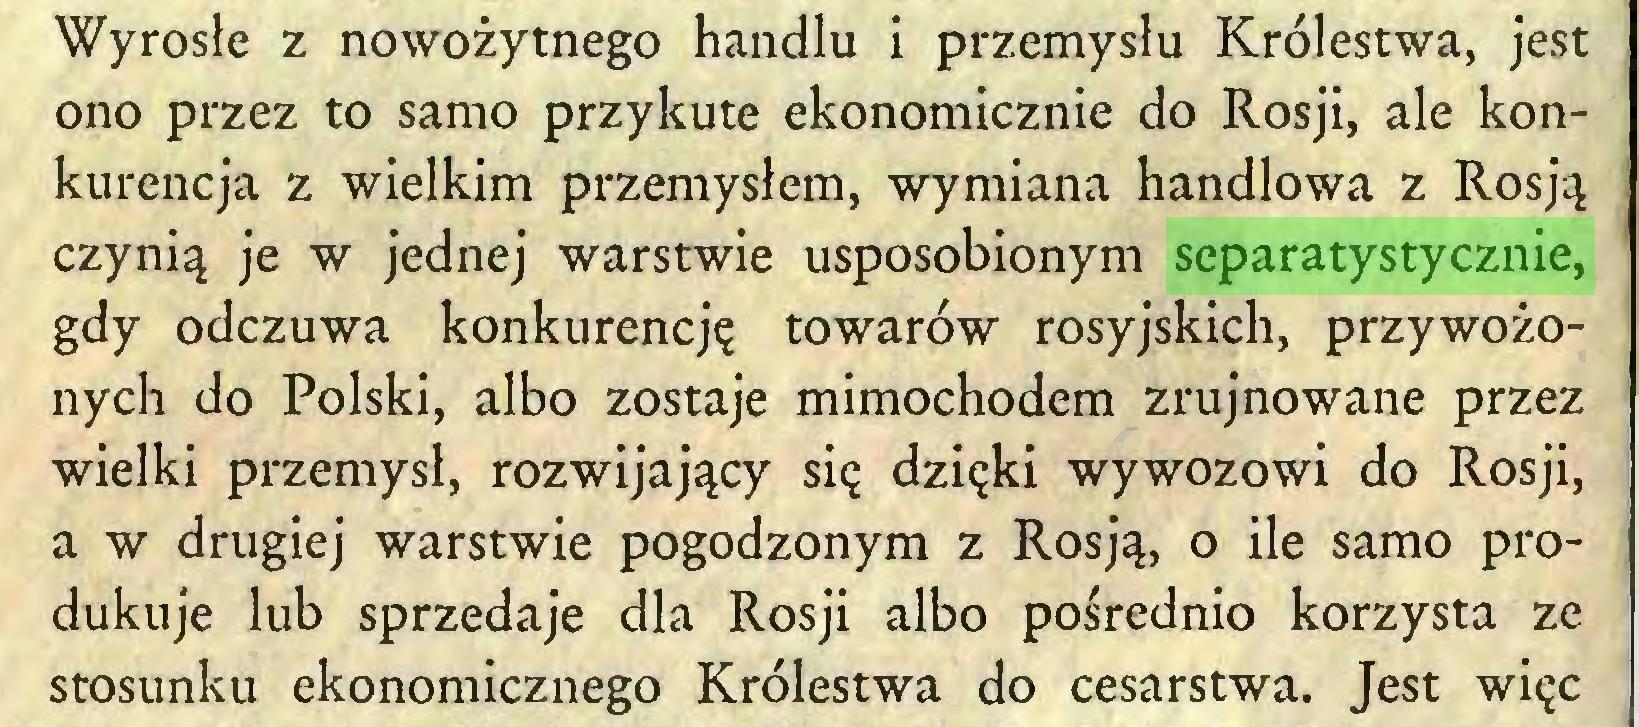 (...) Wyrosłe z nowożytnego handlu i przemysłu Królestwa, jest ono przez to samo przykute ekonomicznie do Rosji, ale konkurencja z wielkim przemysłem, wymiana handlowa z Rosją czynią je w jednej warstwie usposobionym separatystycznie, gdy odczuwa konkurencję towarów rosyjskich, przywożonych do Polski, albo zostaje mimochodem zrujnowane przez wielki przemysł, rozwijający się dzięki wywozowi do Rosji, a w drugiej warstwie pogodzonym z Rosją, o ile samo produkuje lub sprzedaje dla Rosji albo pośrednio korzysta ze stosunku ekonomicznego Królestwa do cesarstwa. Jest więc...